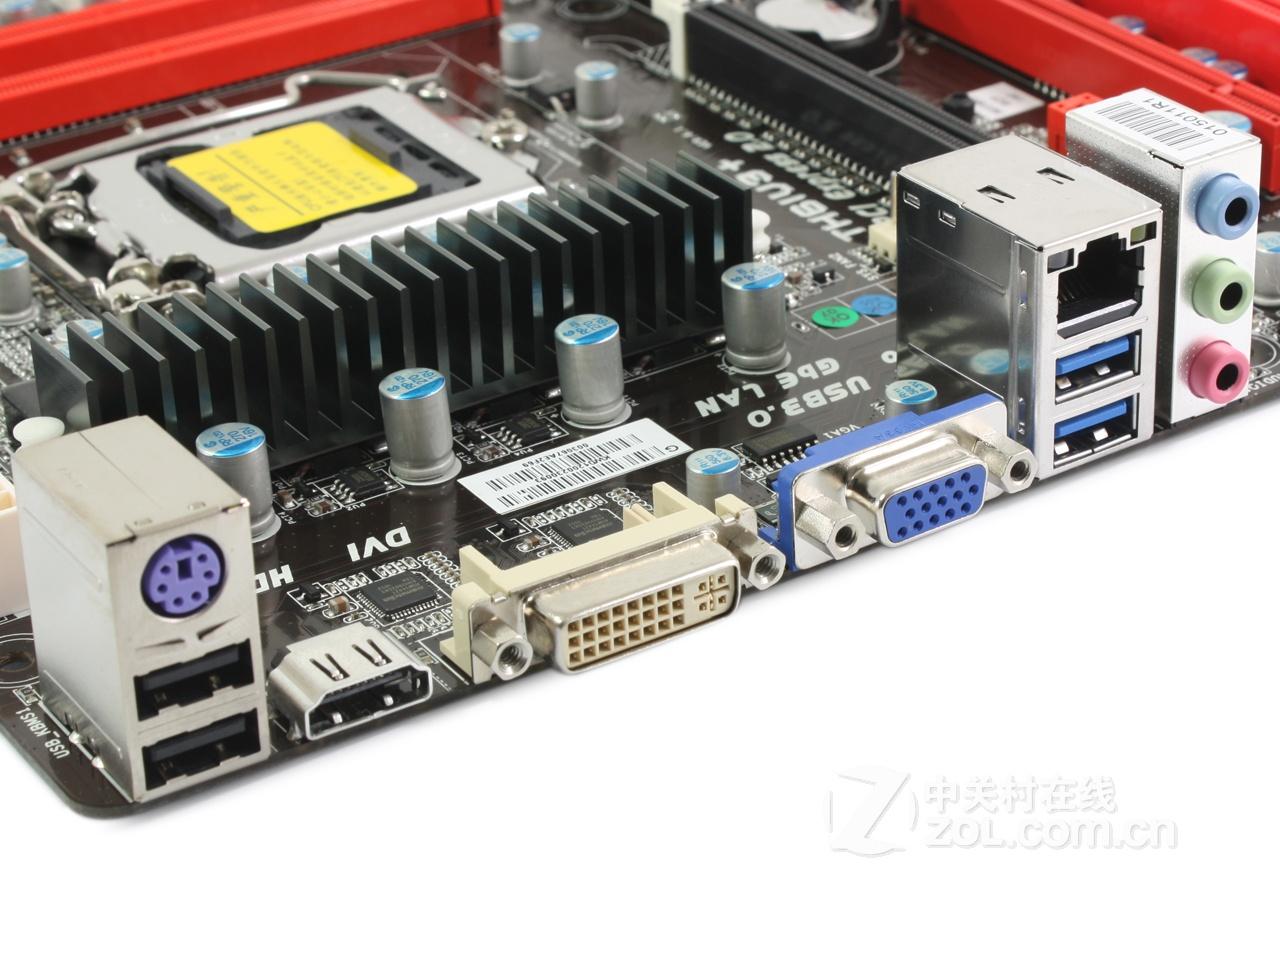 """映泰th61u3+还提供了许多""""主板之外的功能"""""""